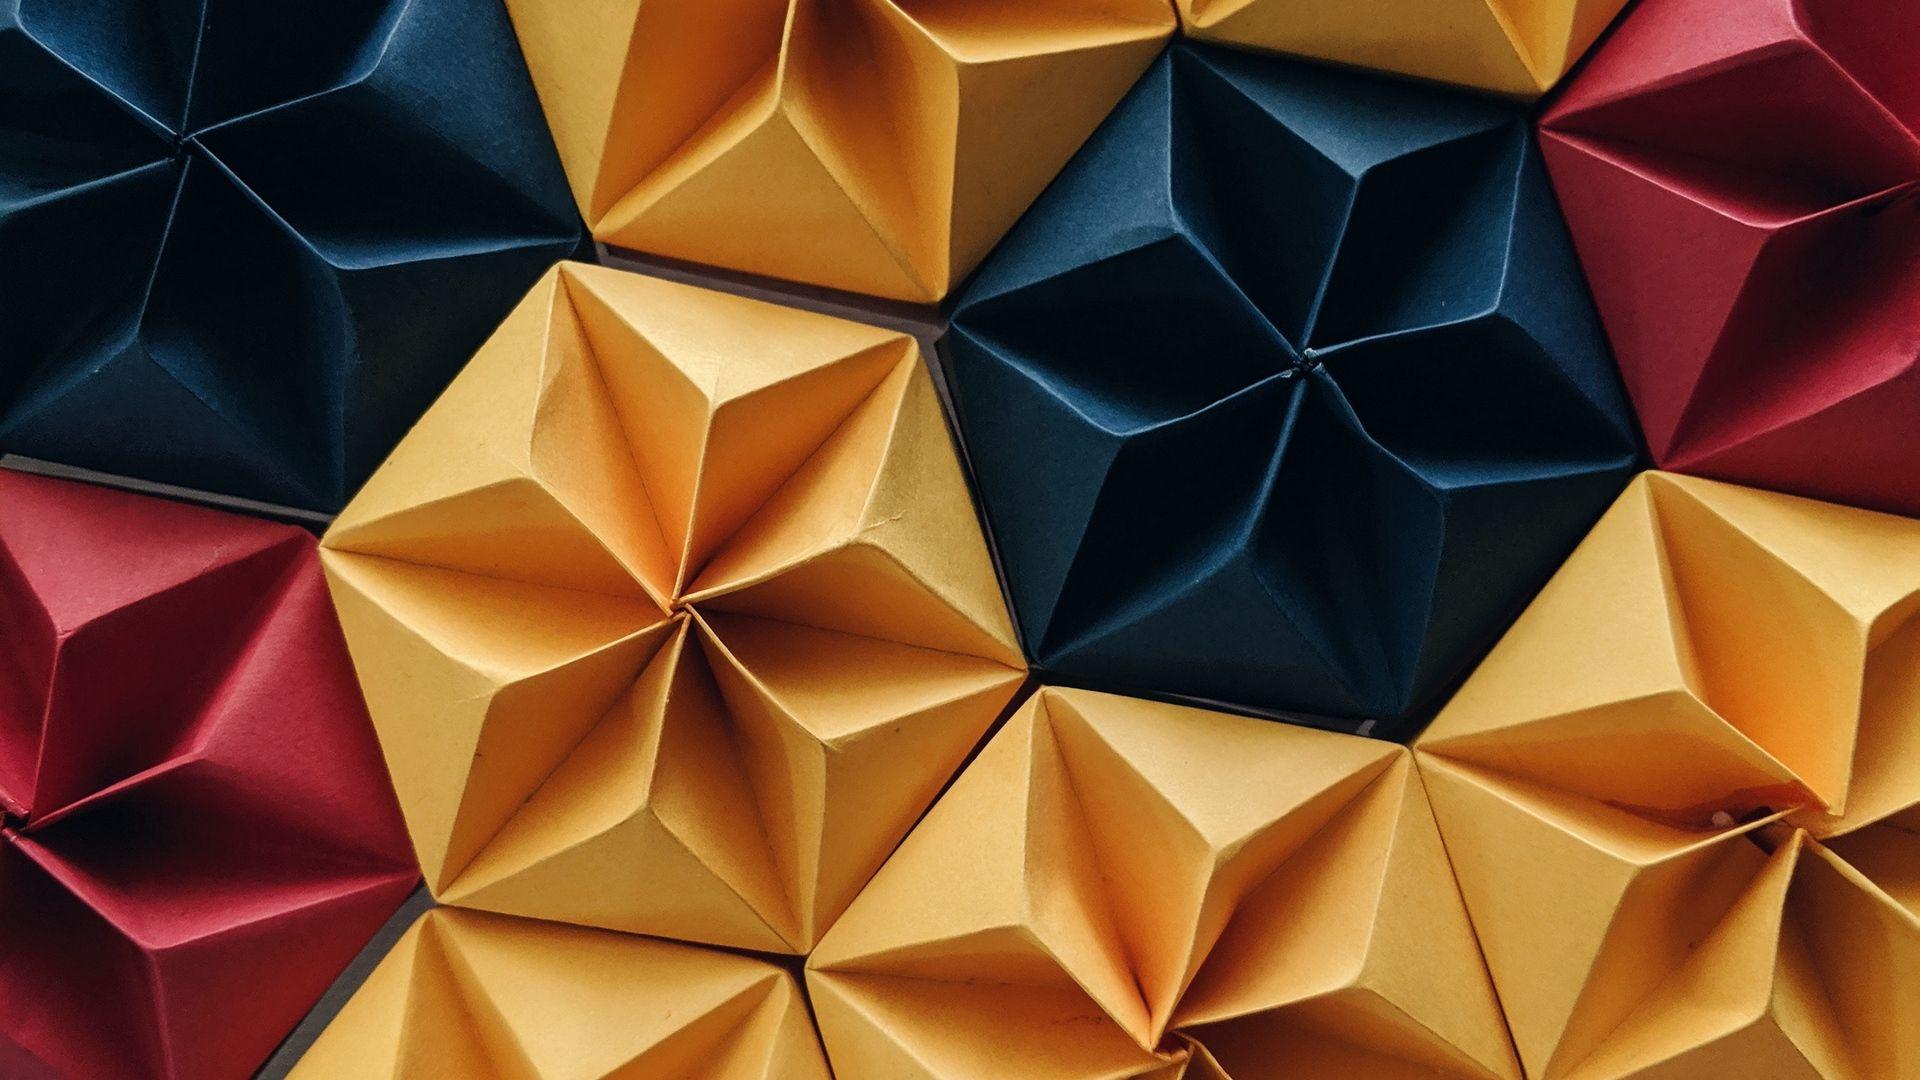 Origami jpg